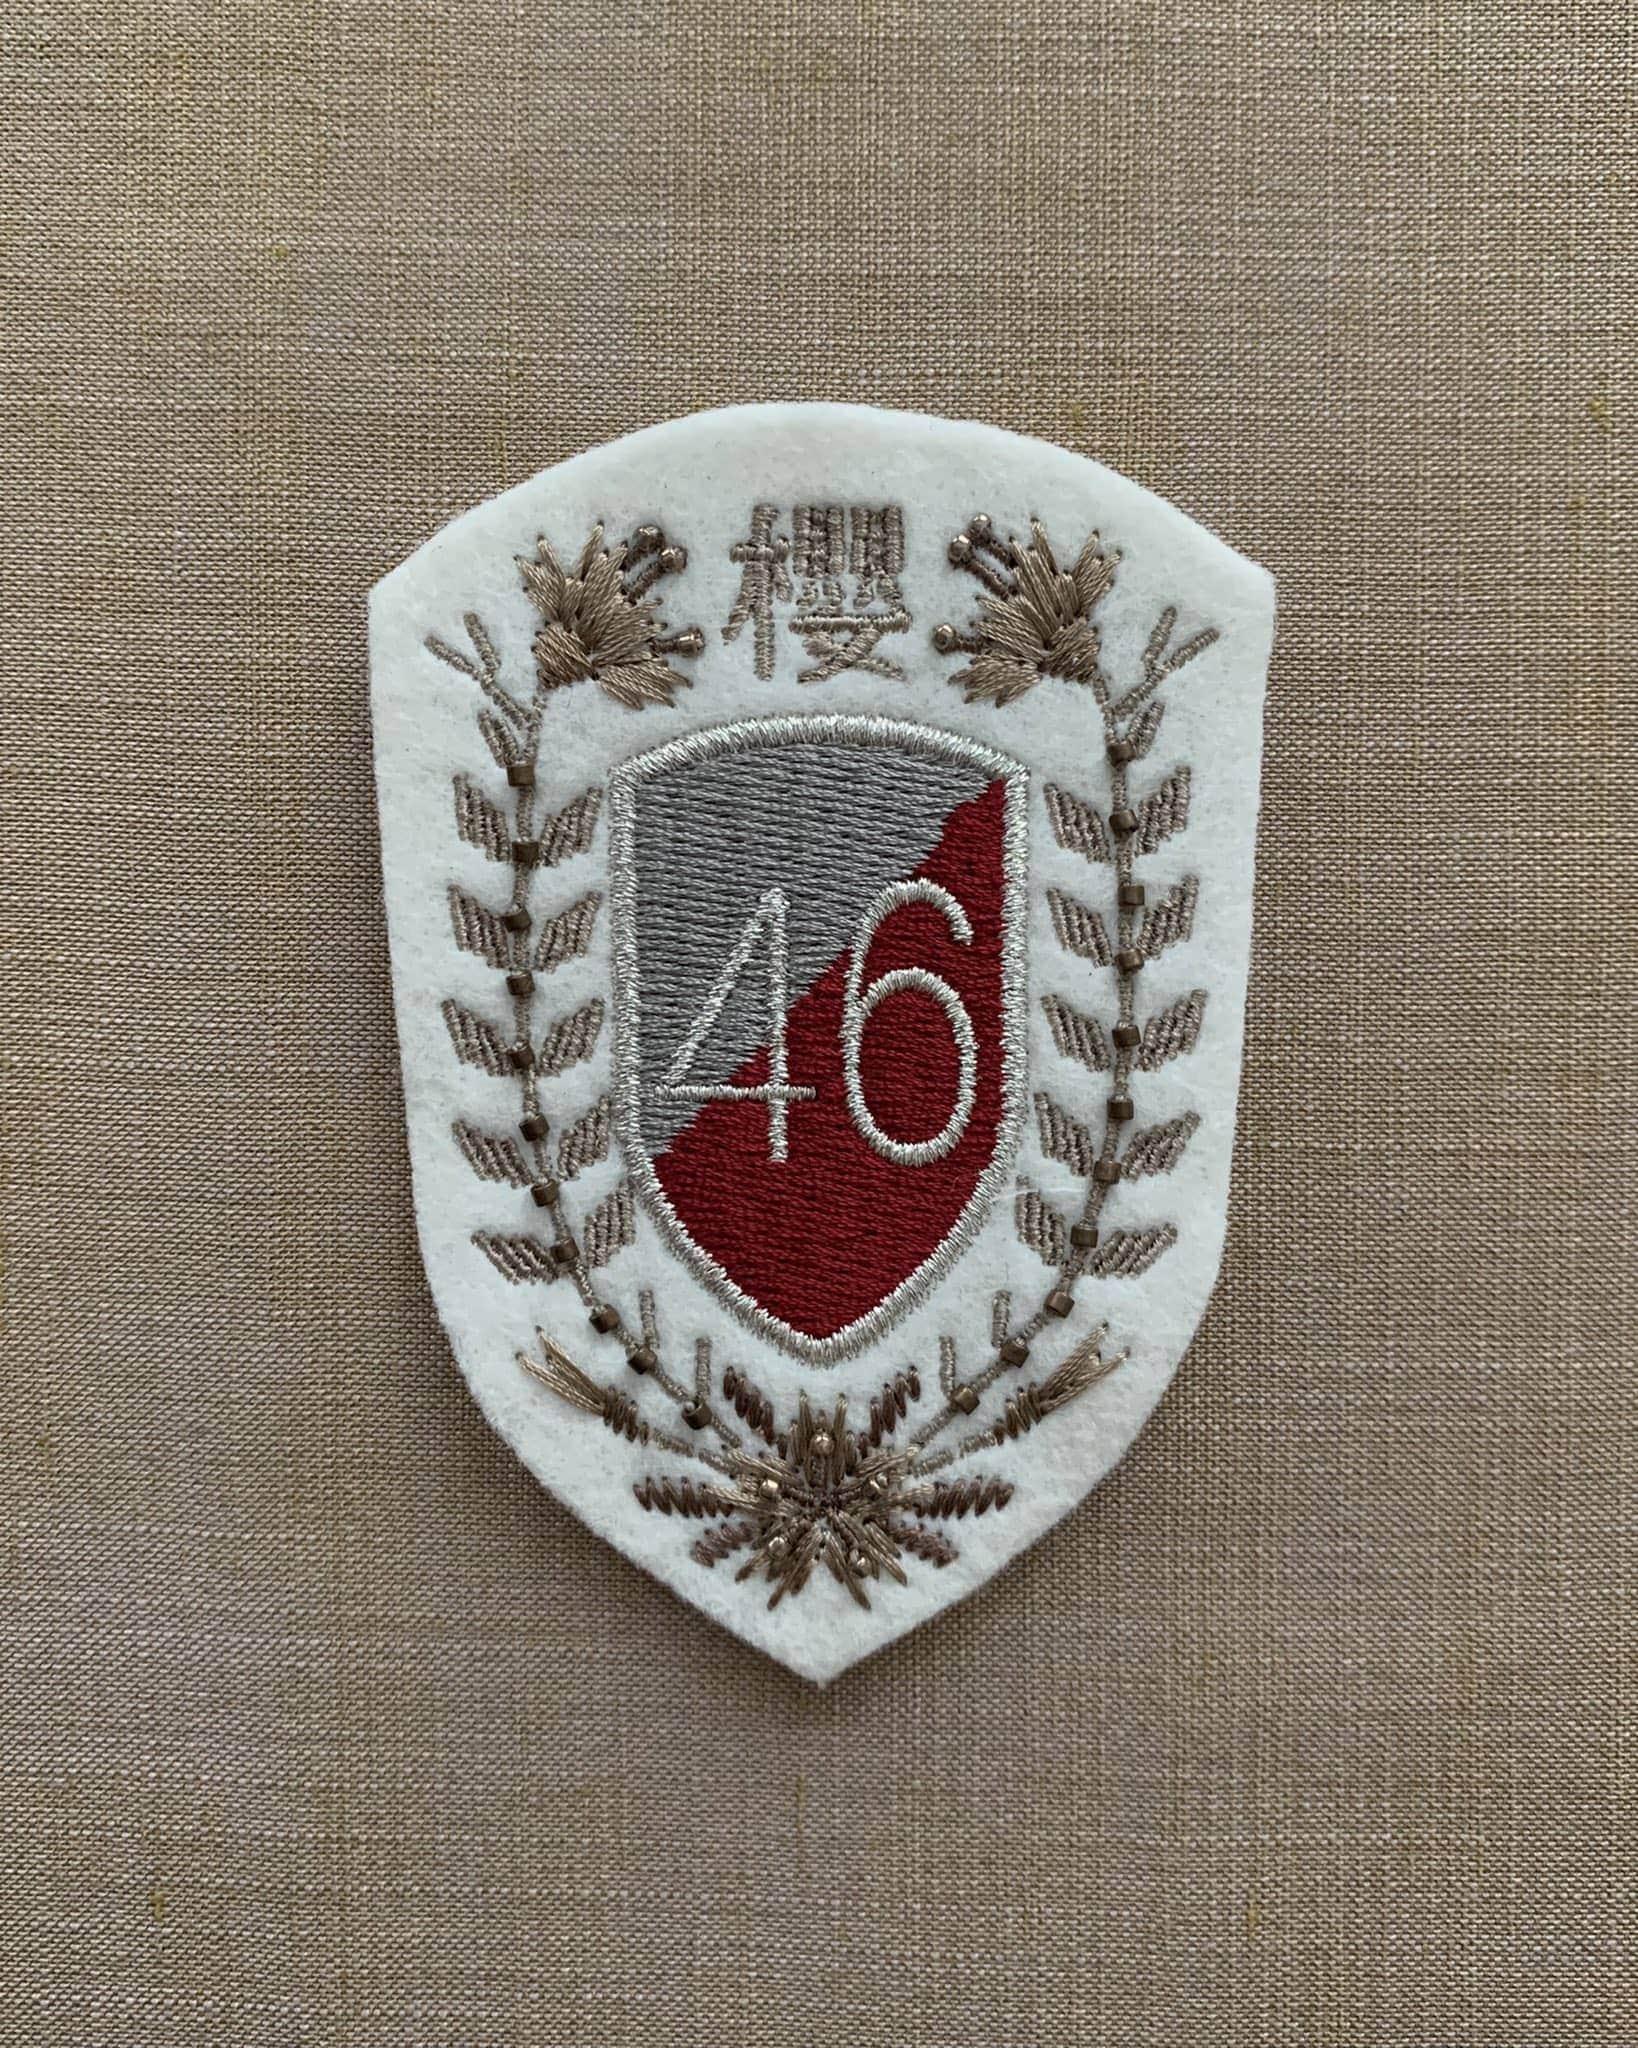 E9PSYq5VkA06JMw